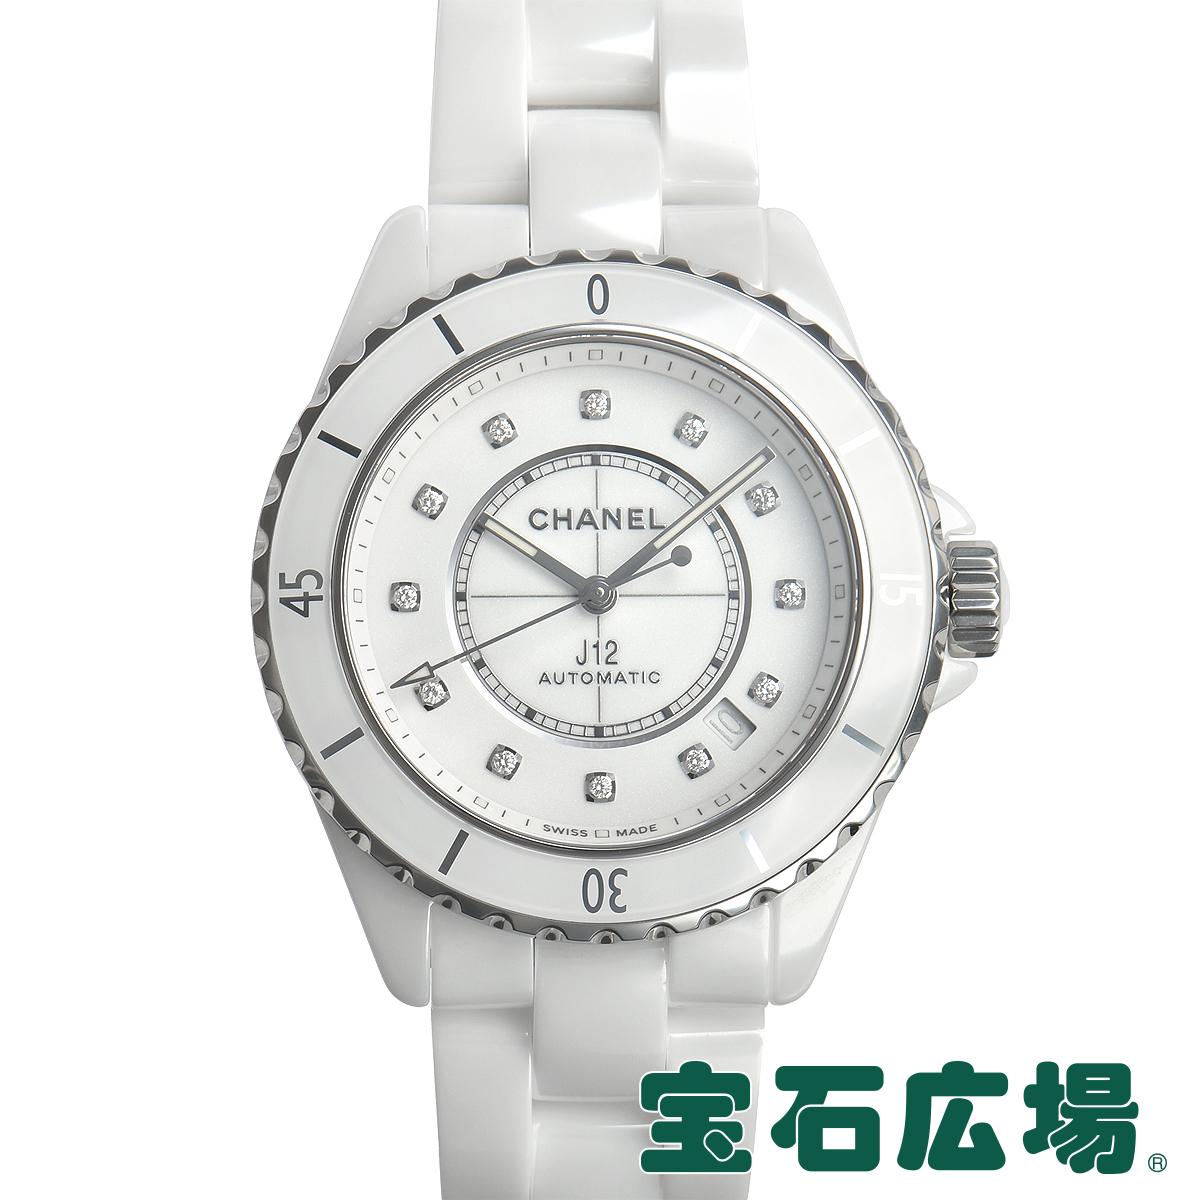 シャネル J12 38 H5705 新品 CHANEL 気質アップ 店内限界値引き中 セルフラッピング無料 腕時計 送料無料 メンズ